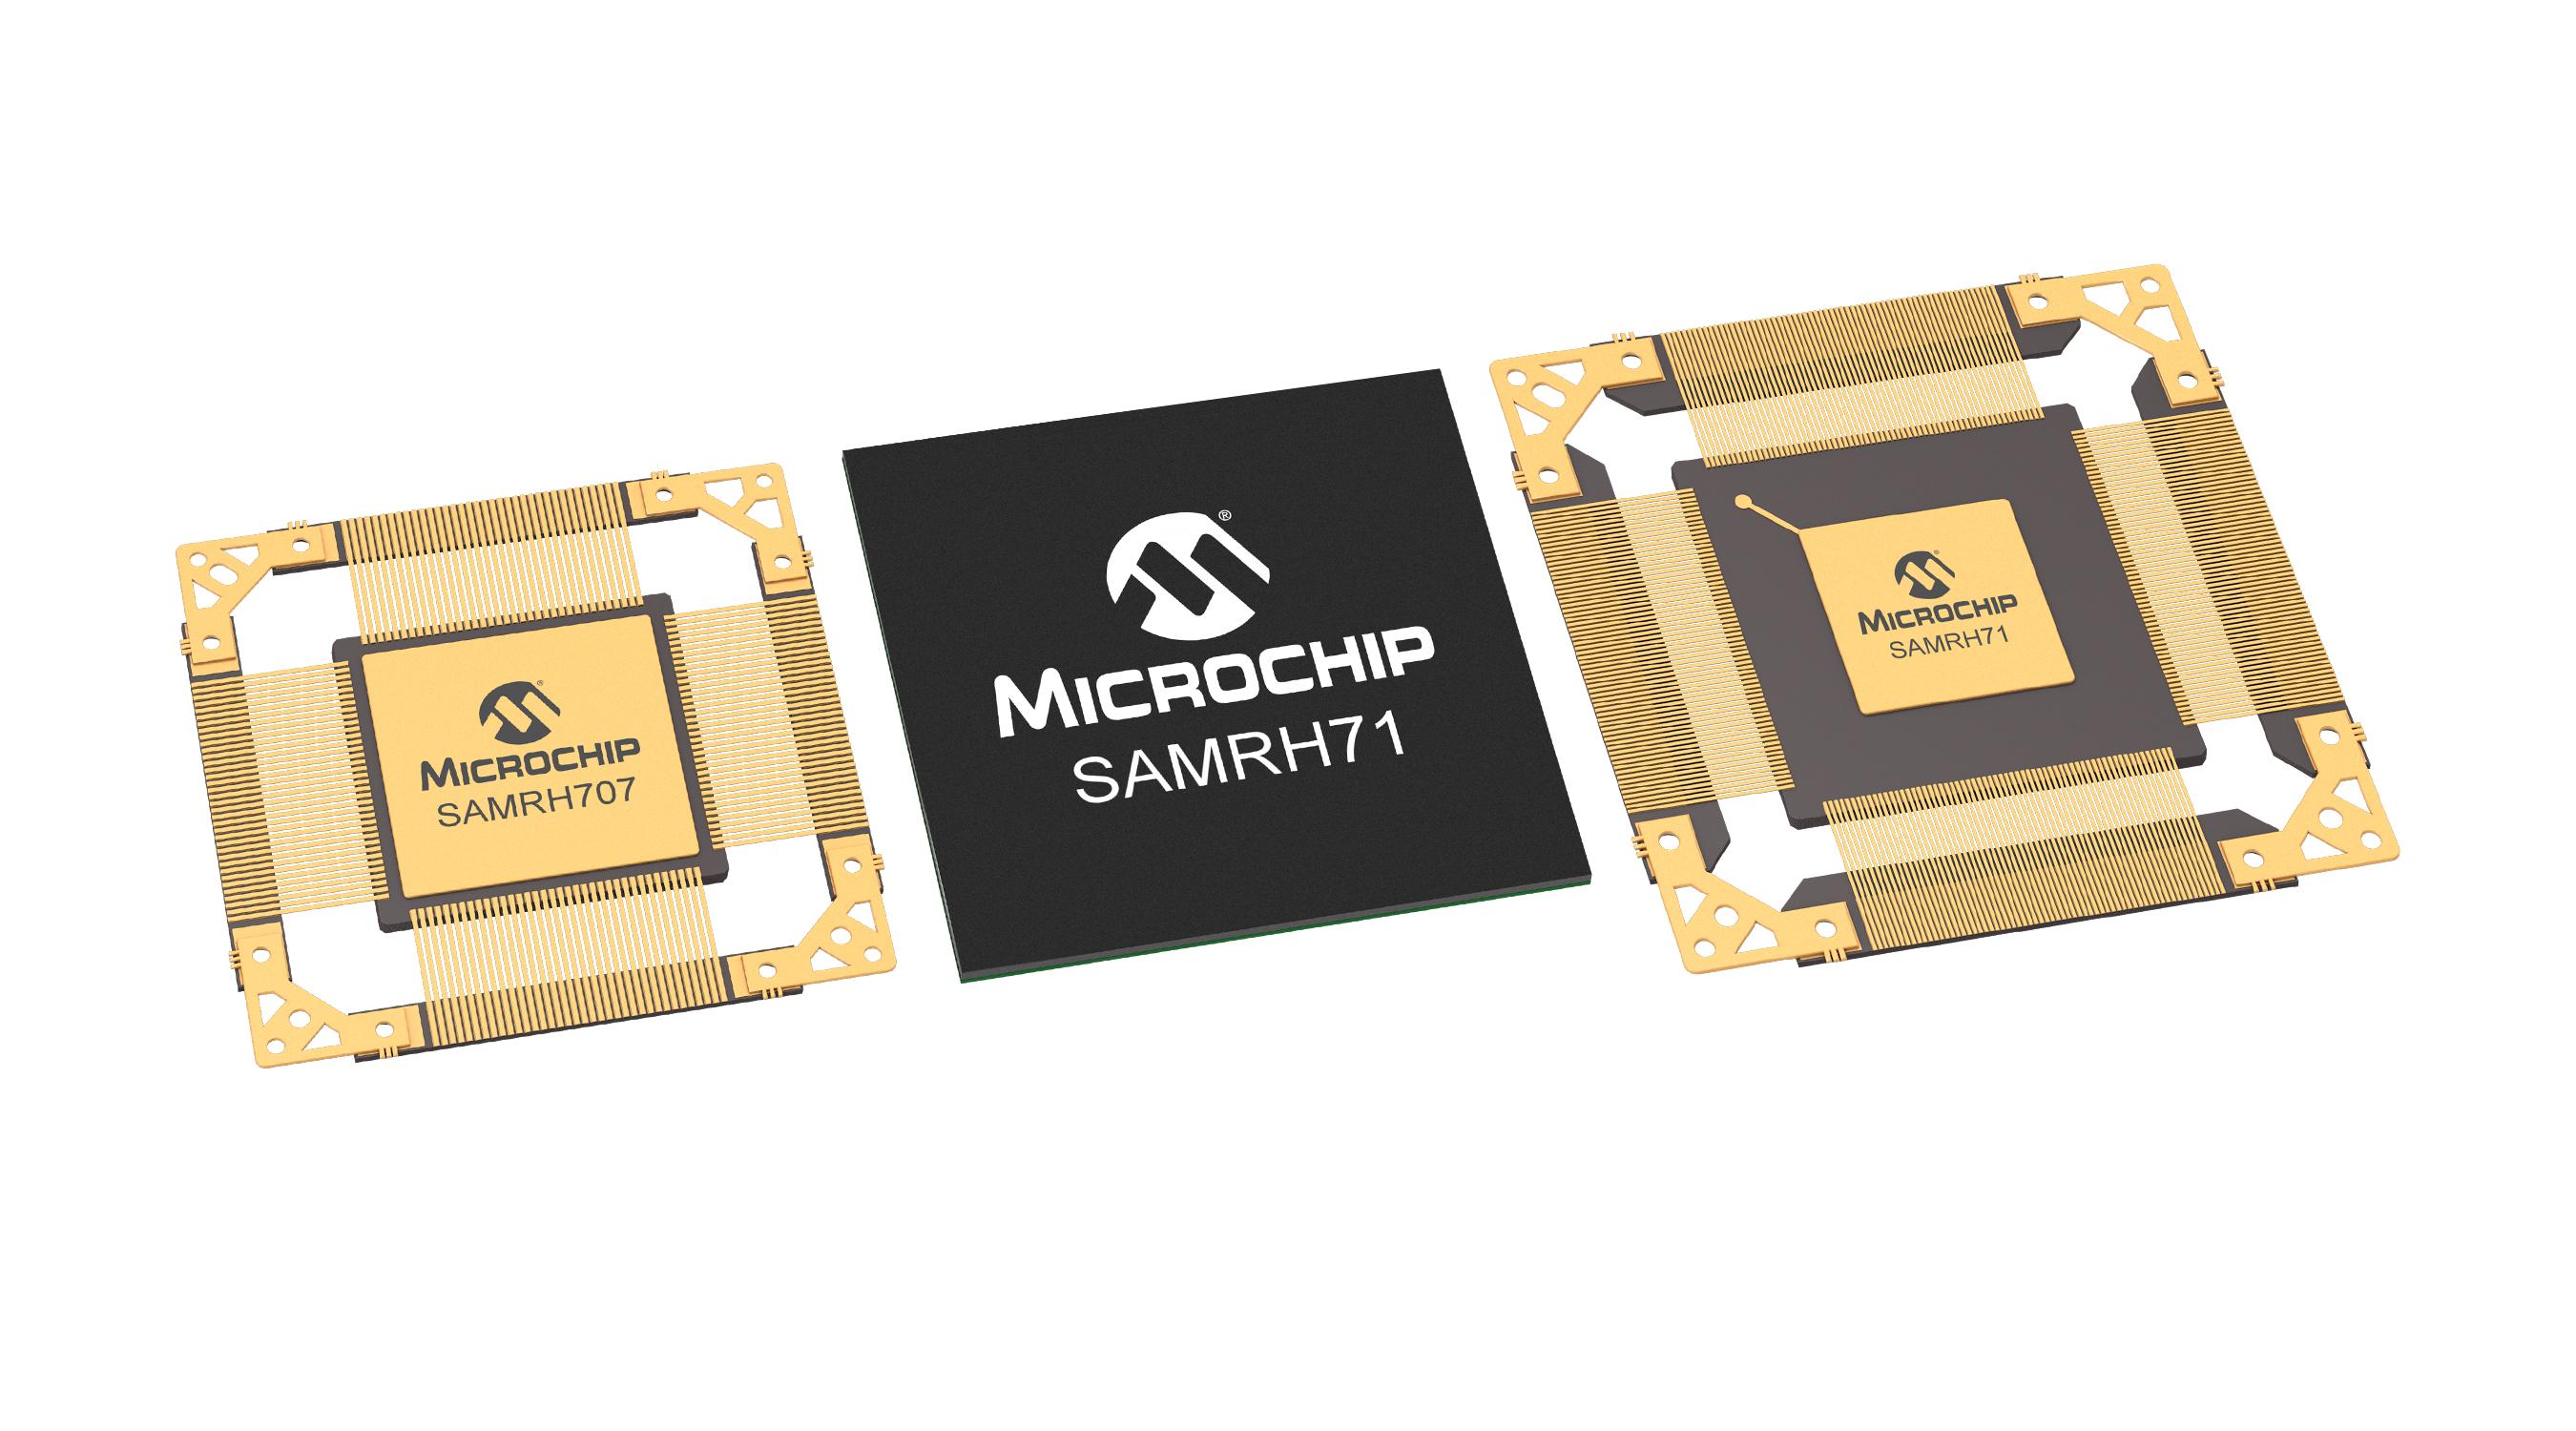 Microchip宣布扩展用于空间系统的抗辐射Arm单片机(MCU)产品阵容